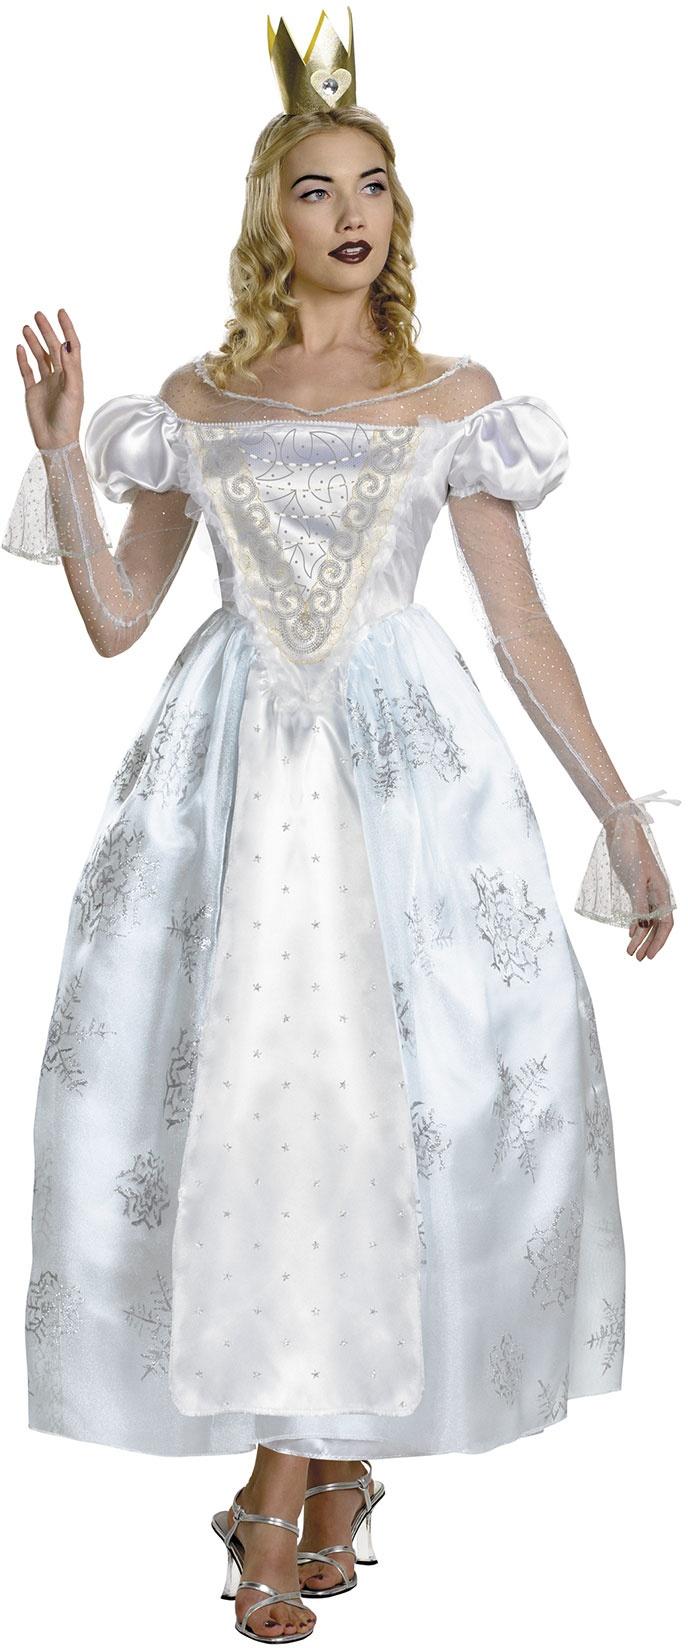 Best 25+ White queen costume ideas on Pinterest   White queen ...